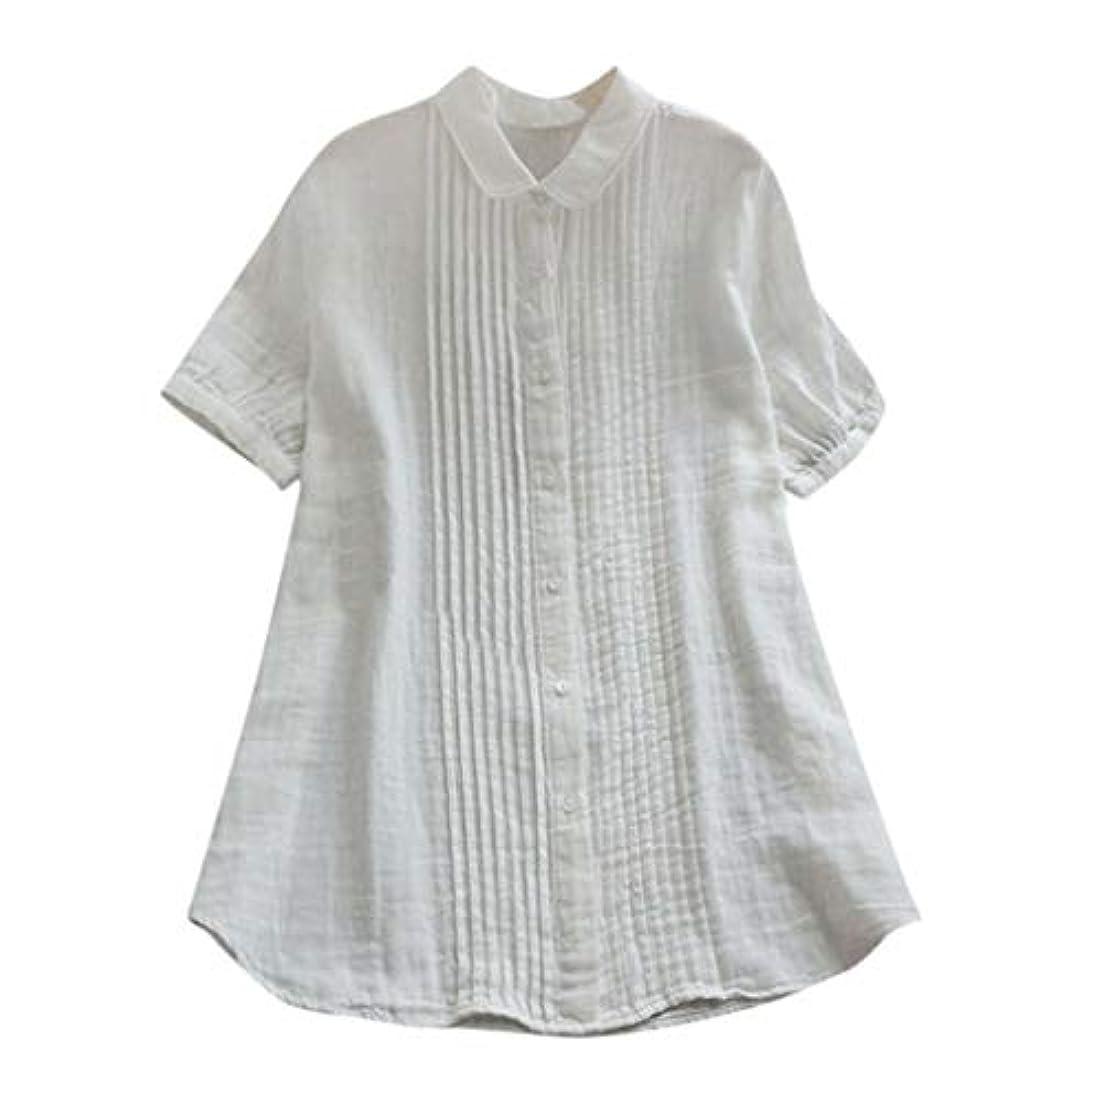 消費者質素な叫ぶ女性の半袖Tシャツ - ピーターパンカラー夏緩い無地カジュアルダウントップスブラウス (白, L)